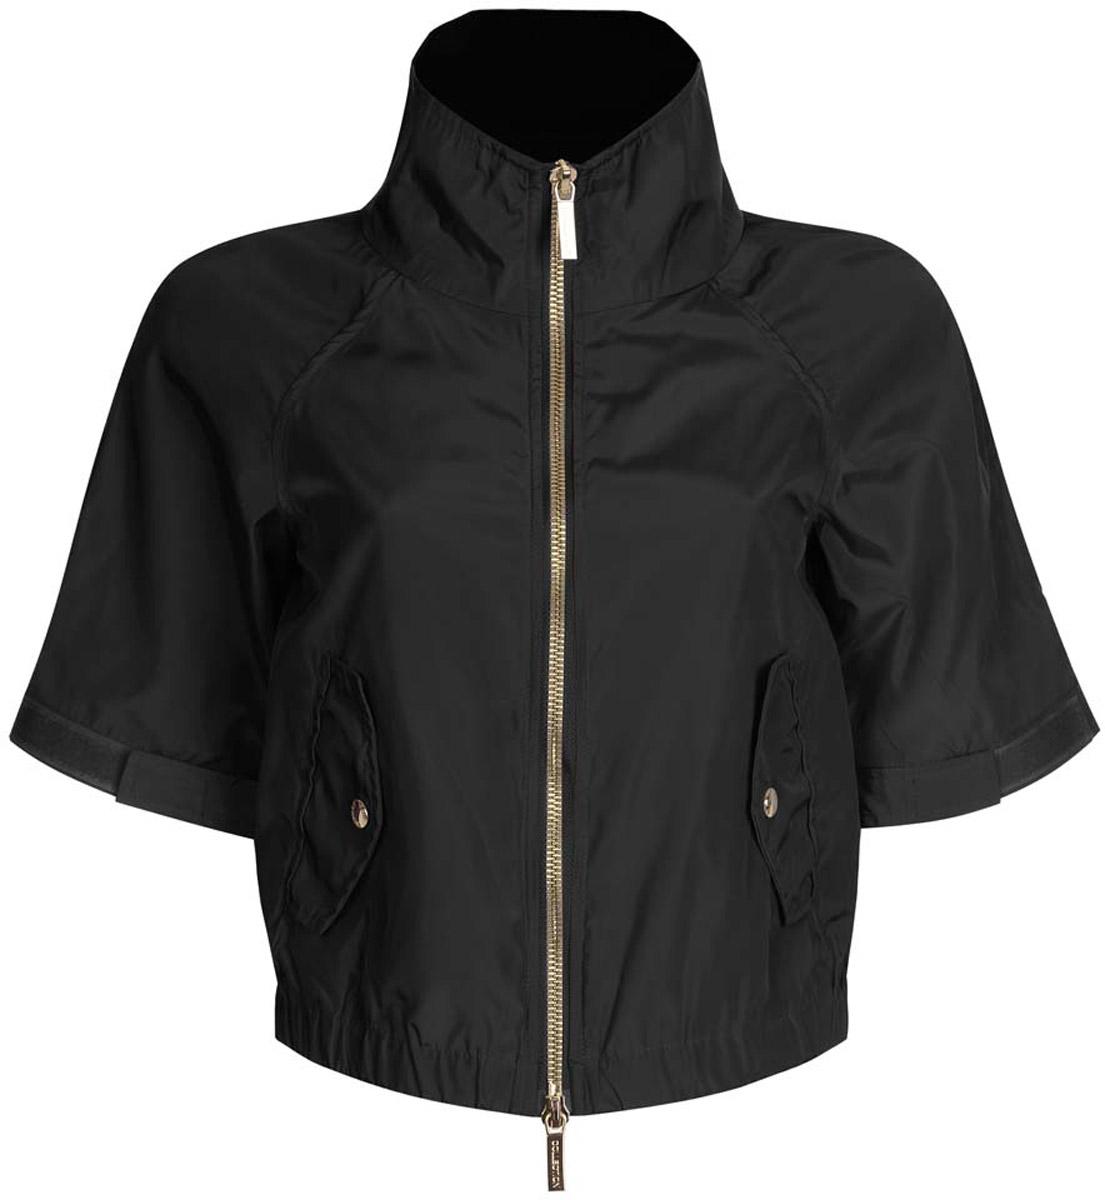 Куртка10307004/45462/7500NСтильная женская куртка oodji Ultra выполнена из качественного полиэстера. Куртка укороченной модели с рукавами-реглан длиной 3/4 и воротником-стойкой. Застегивается модель спереди на застежку- молнию. Низ куртки на широкой эластичной резинке. По бокам и на манжетах изделие дополнено хлястиками, которые регулируют посадку и объем с помощью липучек. Спереди куртка оформлена двумя втачными карманами с клапанами на кнопках.